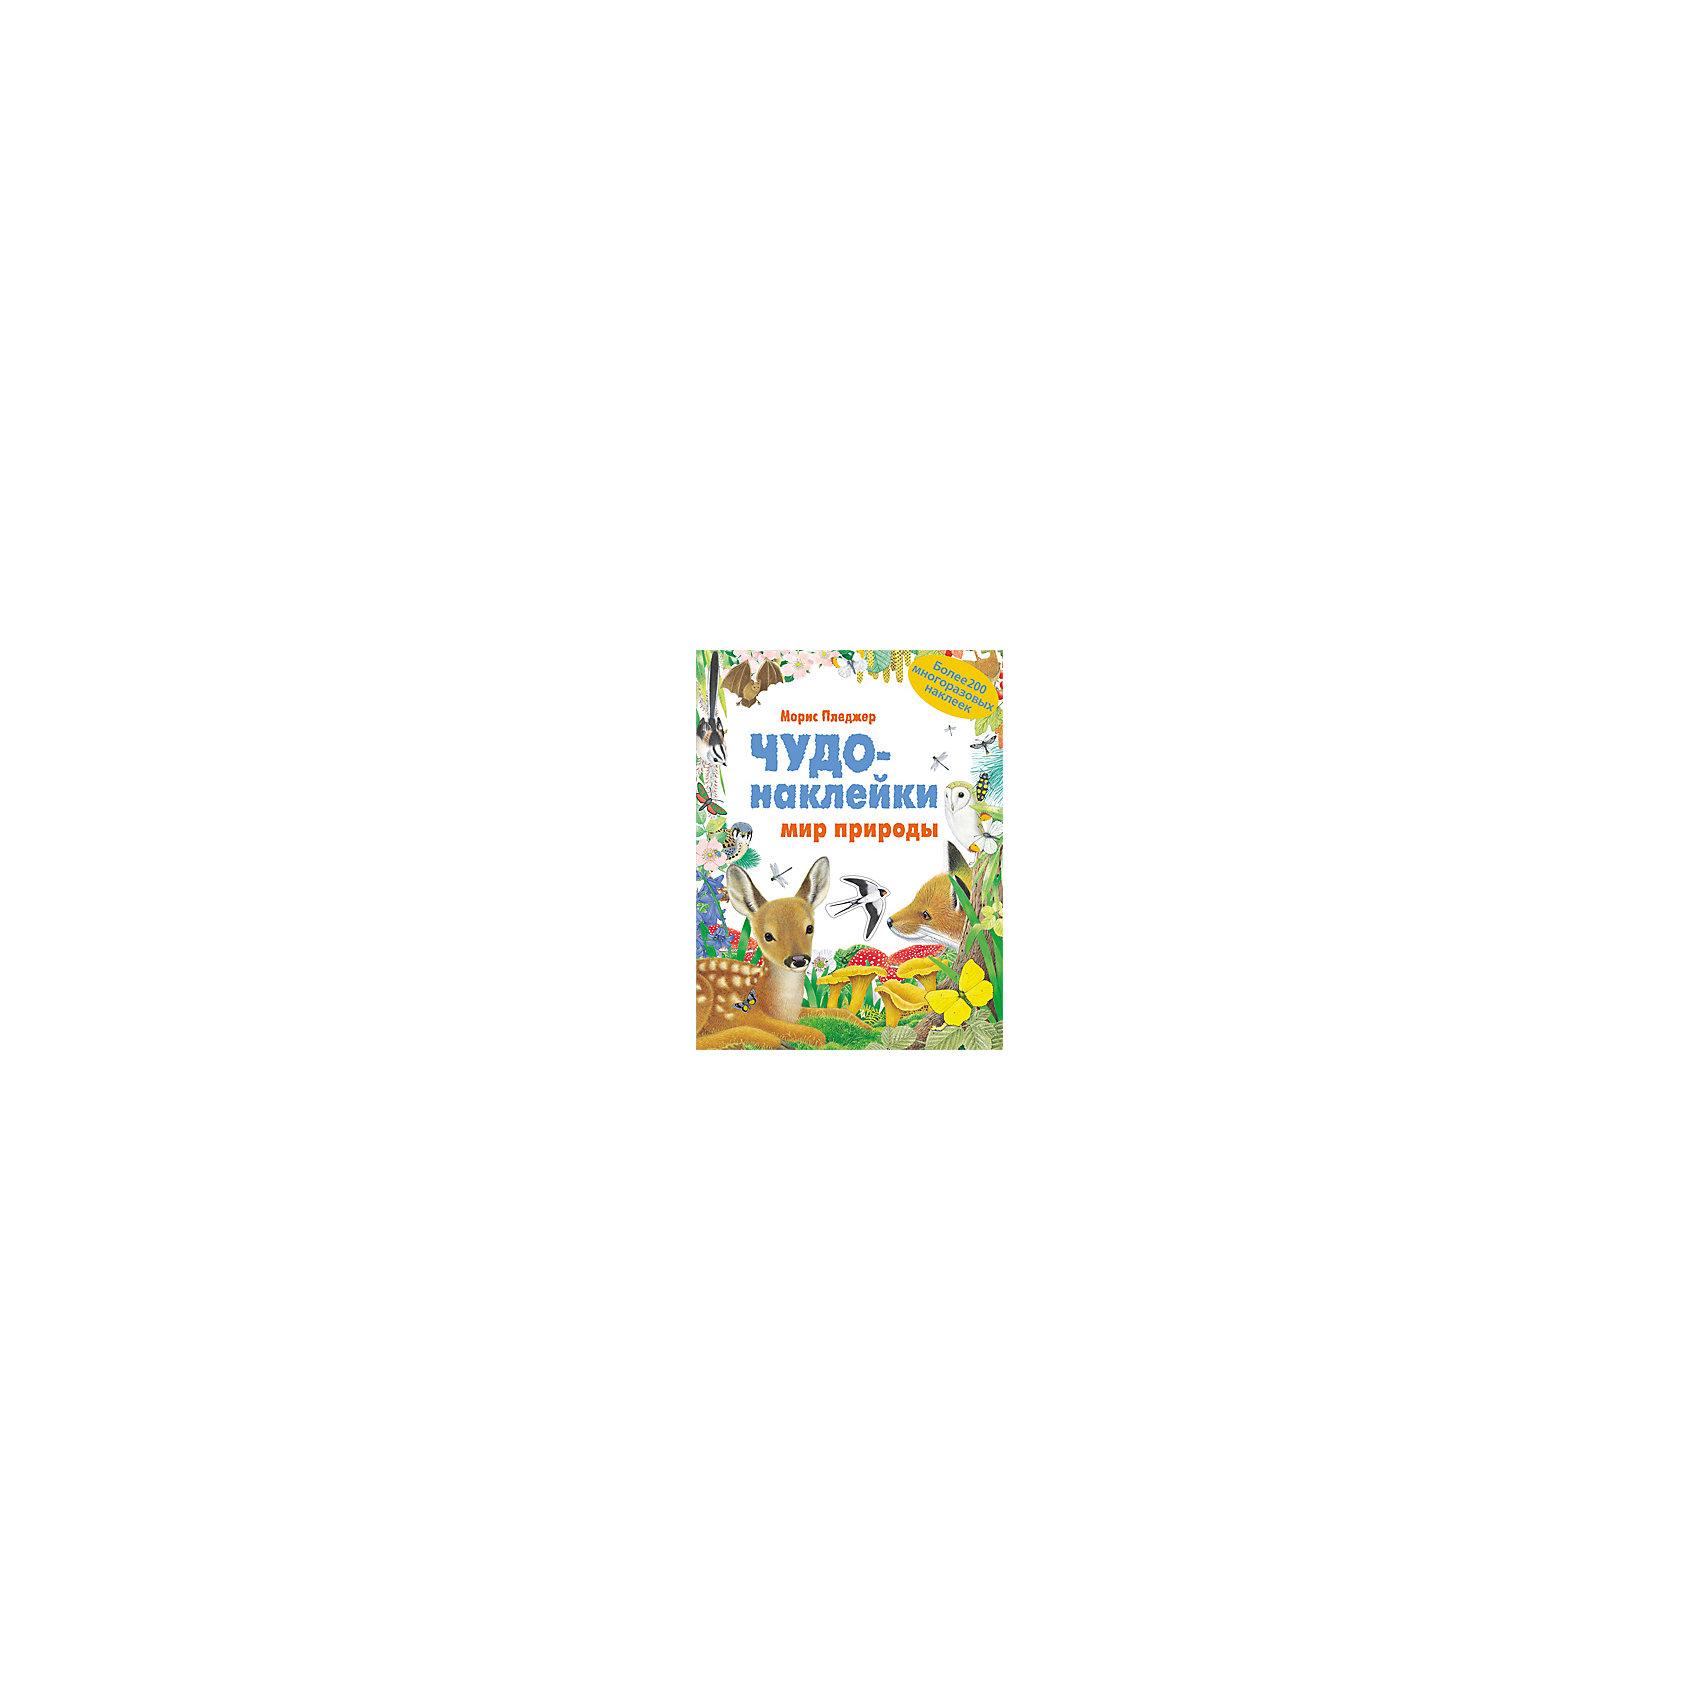 Чудо-наклейки Мир природы, Мозаика-СинтезТворчество для малышей<br>Чудо-наклейки Мир океана, Мозаика-Синтез.<br><br>Характеристики:<br><br>• Издательство: МОЗАИКА-СИНТЕЗ<br>• ISBN: 9785431501401<br>• Тип: книга с многоразовыми наклейками.<br>• Раздел знаний: ознакомление с окружающим миром.<br>• Возраст: 5-7 лет.<br>• Размер книги: 280х215х40мм.<br>• Количество страниц: 70.<br><br>Чудо-наклейки.Мир океана<br>Эта увлекательная книга познакомит вас с миром океана. Создавайте яркие картины, приклеивая на страницы наклейки замечательных обитателей мирового океана! Более 200 многоразовых наклеек. <br><br>Работа с наклейками – занятие не только увлекательное, но и полезное. Оно способствует развитию воображения, мелкой моторики рук, координации движения.<br>Книга позволяет детям лучше узнать окружающий мир, способствует интеллектуальному развитию малыша.<br><br>Чудо-наклейки Мир океана, Мозаика-Синтез, можно купить в нашем интернет – магазине<br><br>Ширина мм: 6<br>Глубина мм: 215<br>Высота мм: 280<br>Вес г: 393<br>Возраст от месяцев: 60<br>Возраст до месяцев: 84<br>Пол: Унисекс<br>Возраст: Детский<br>SKU: 5428887